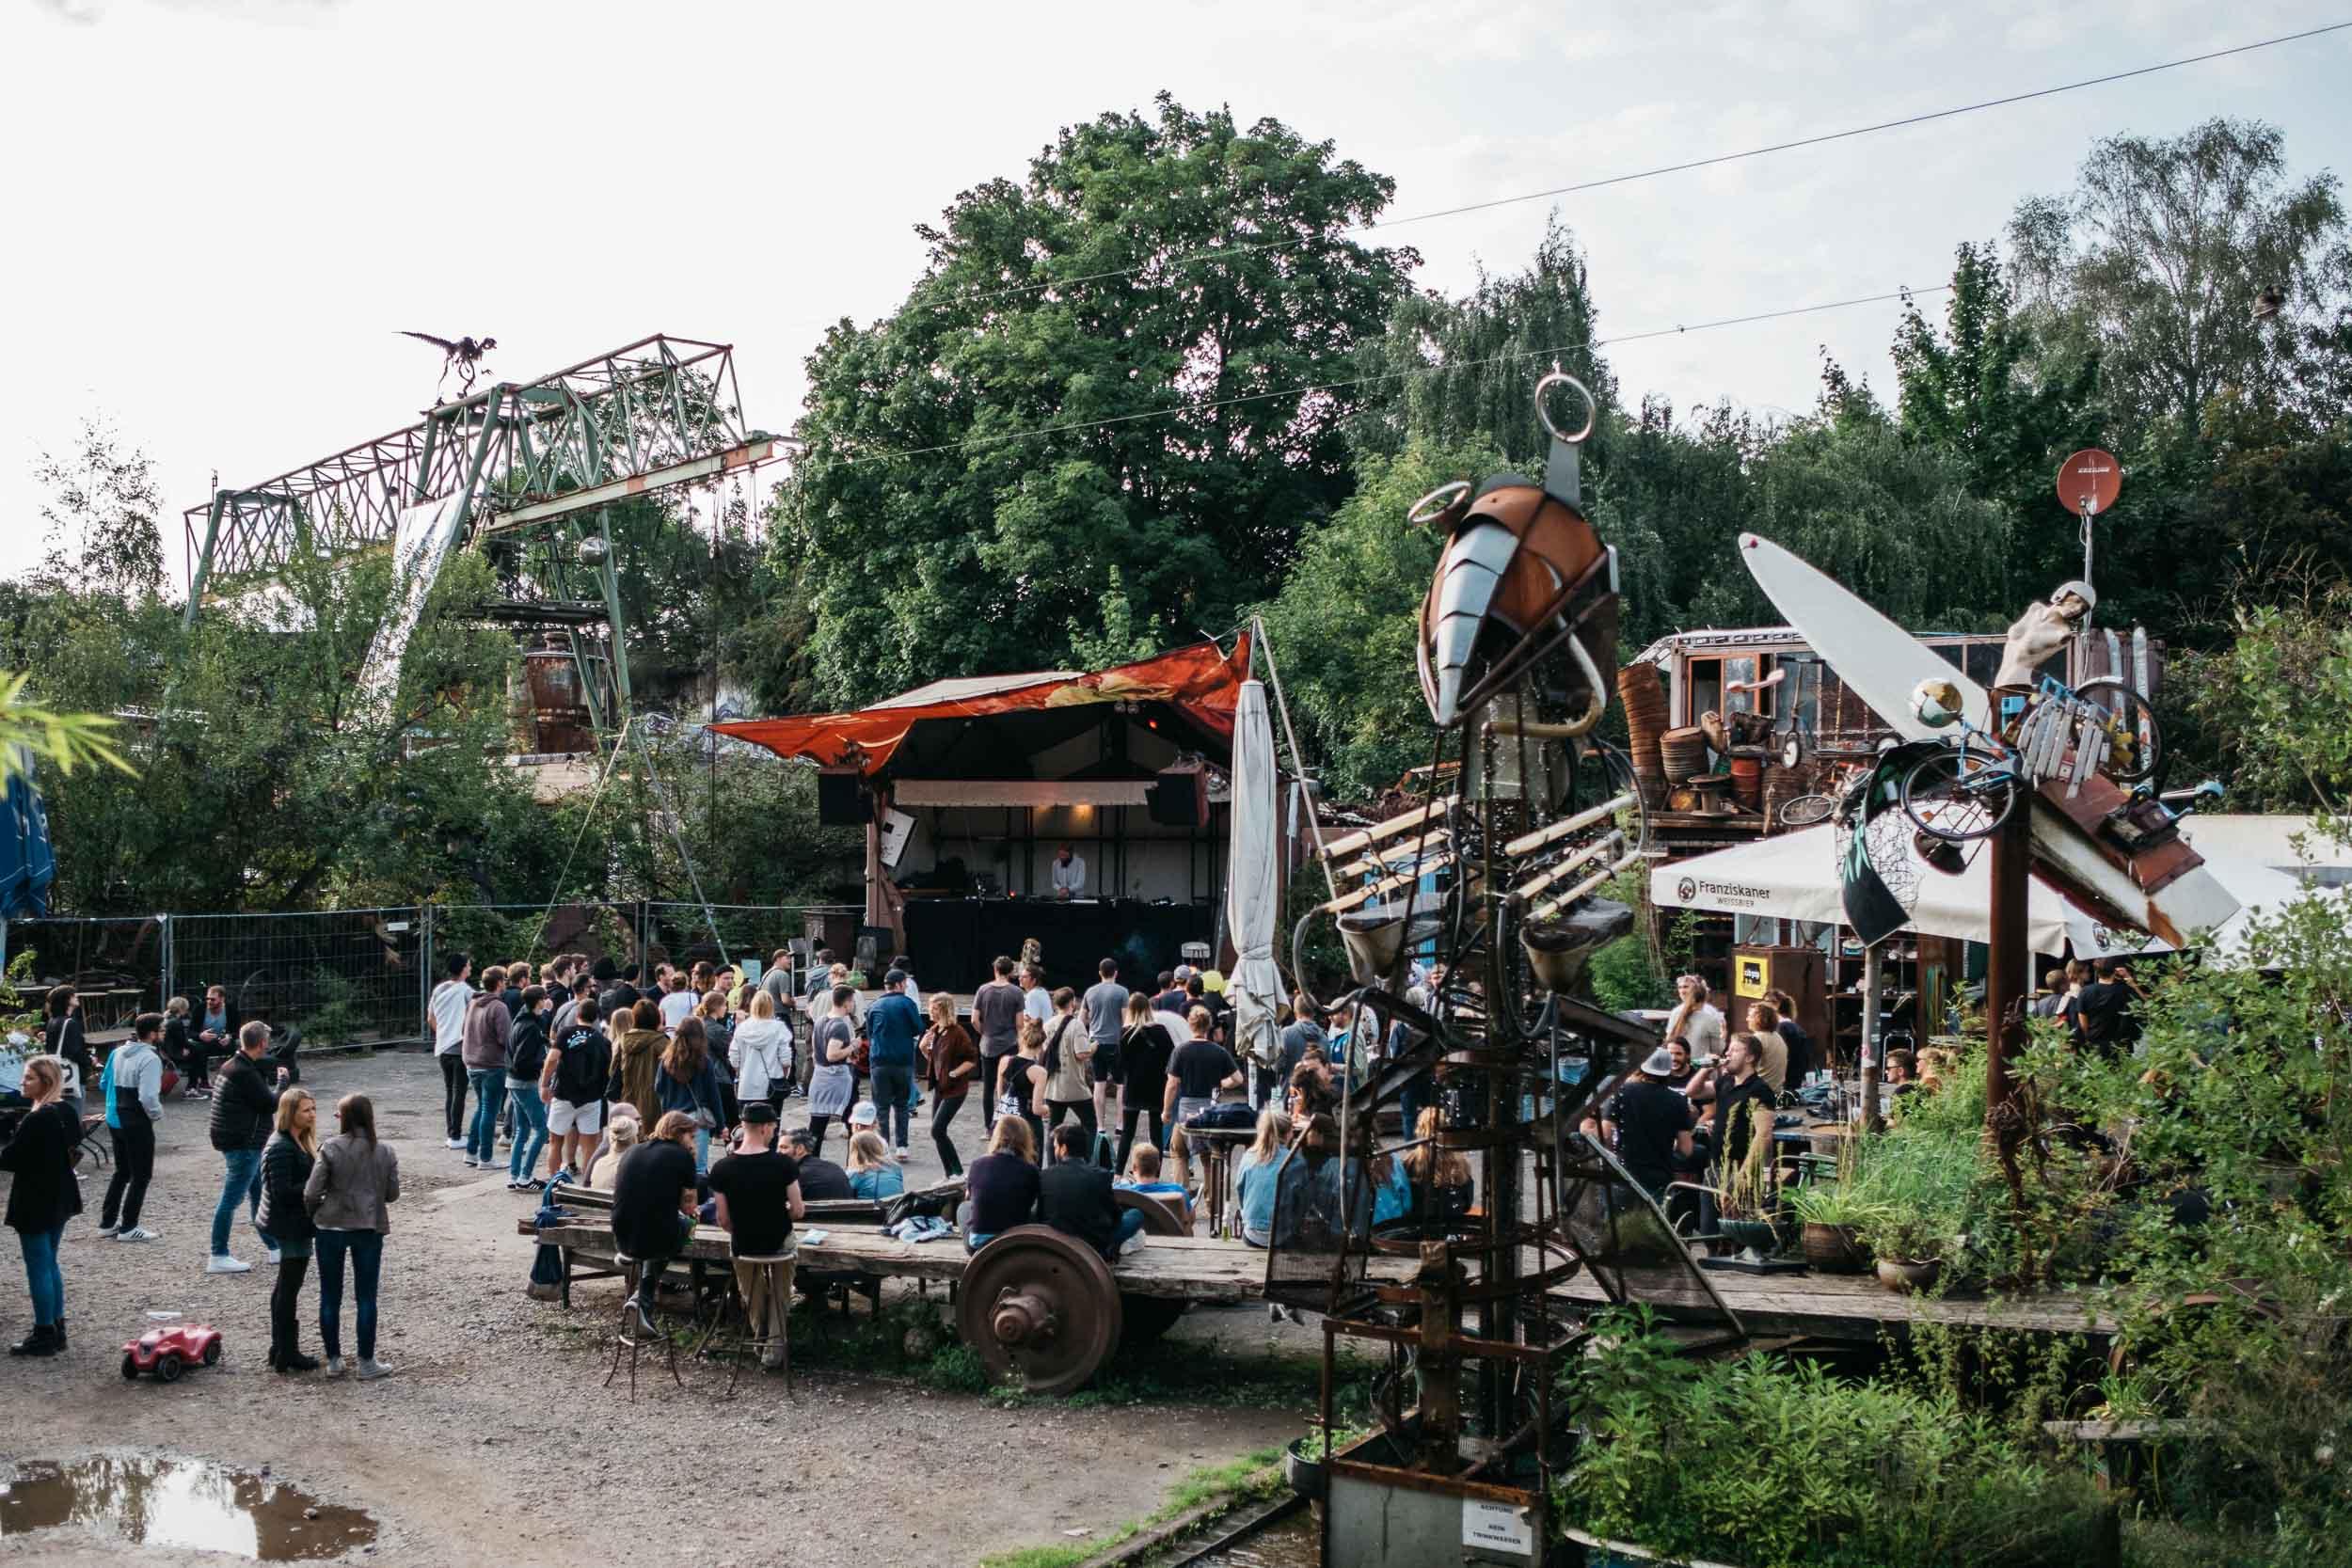 copop-wearecity-odonien-stadtgarten-schwarz-julianstetter-djseinfeld-simonhariman-koeln (23).jpg